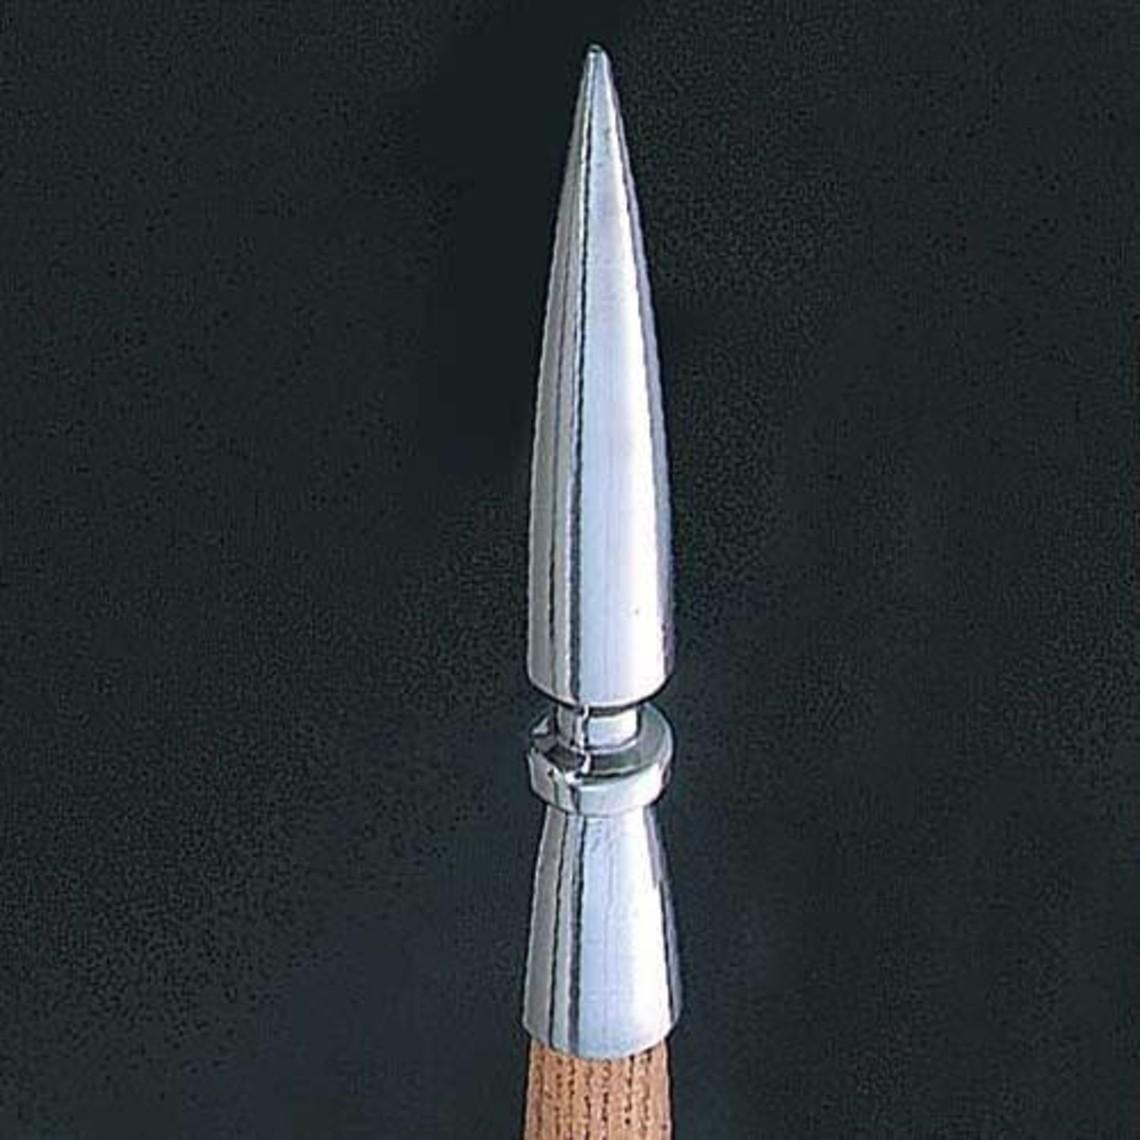 Windlass Steelcrafts casquillo del extremo de la lanza griego